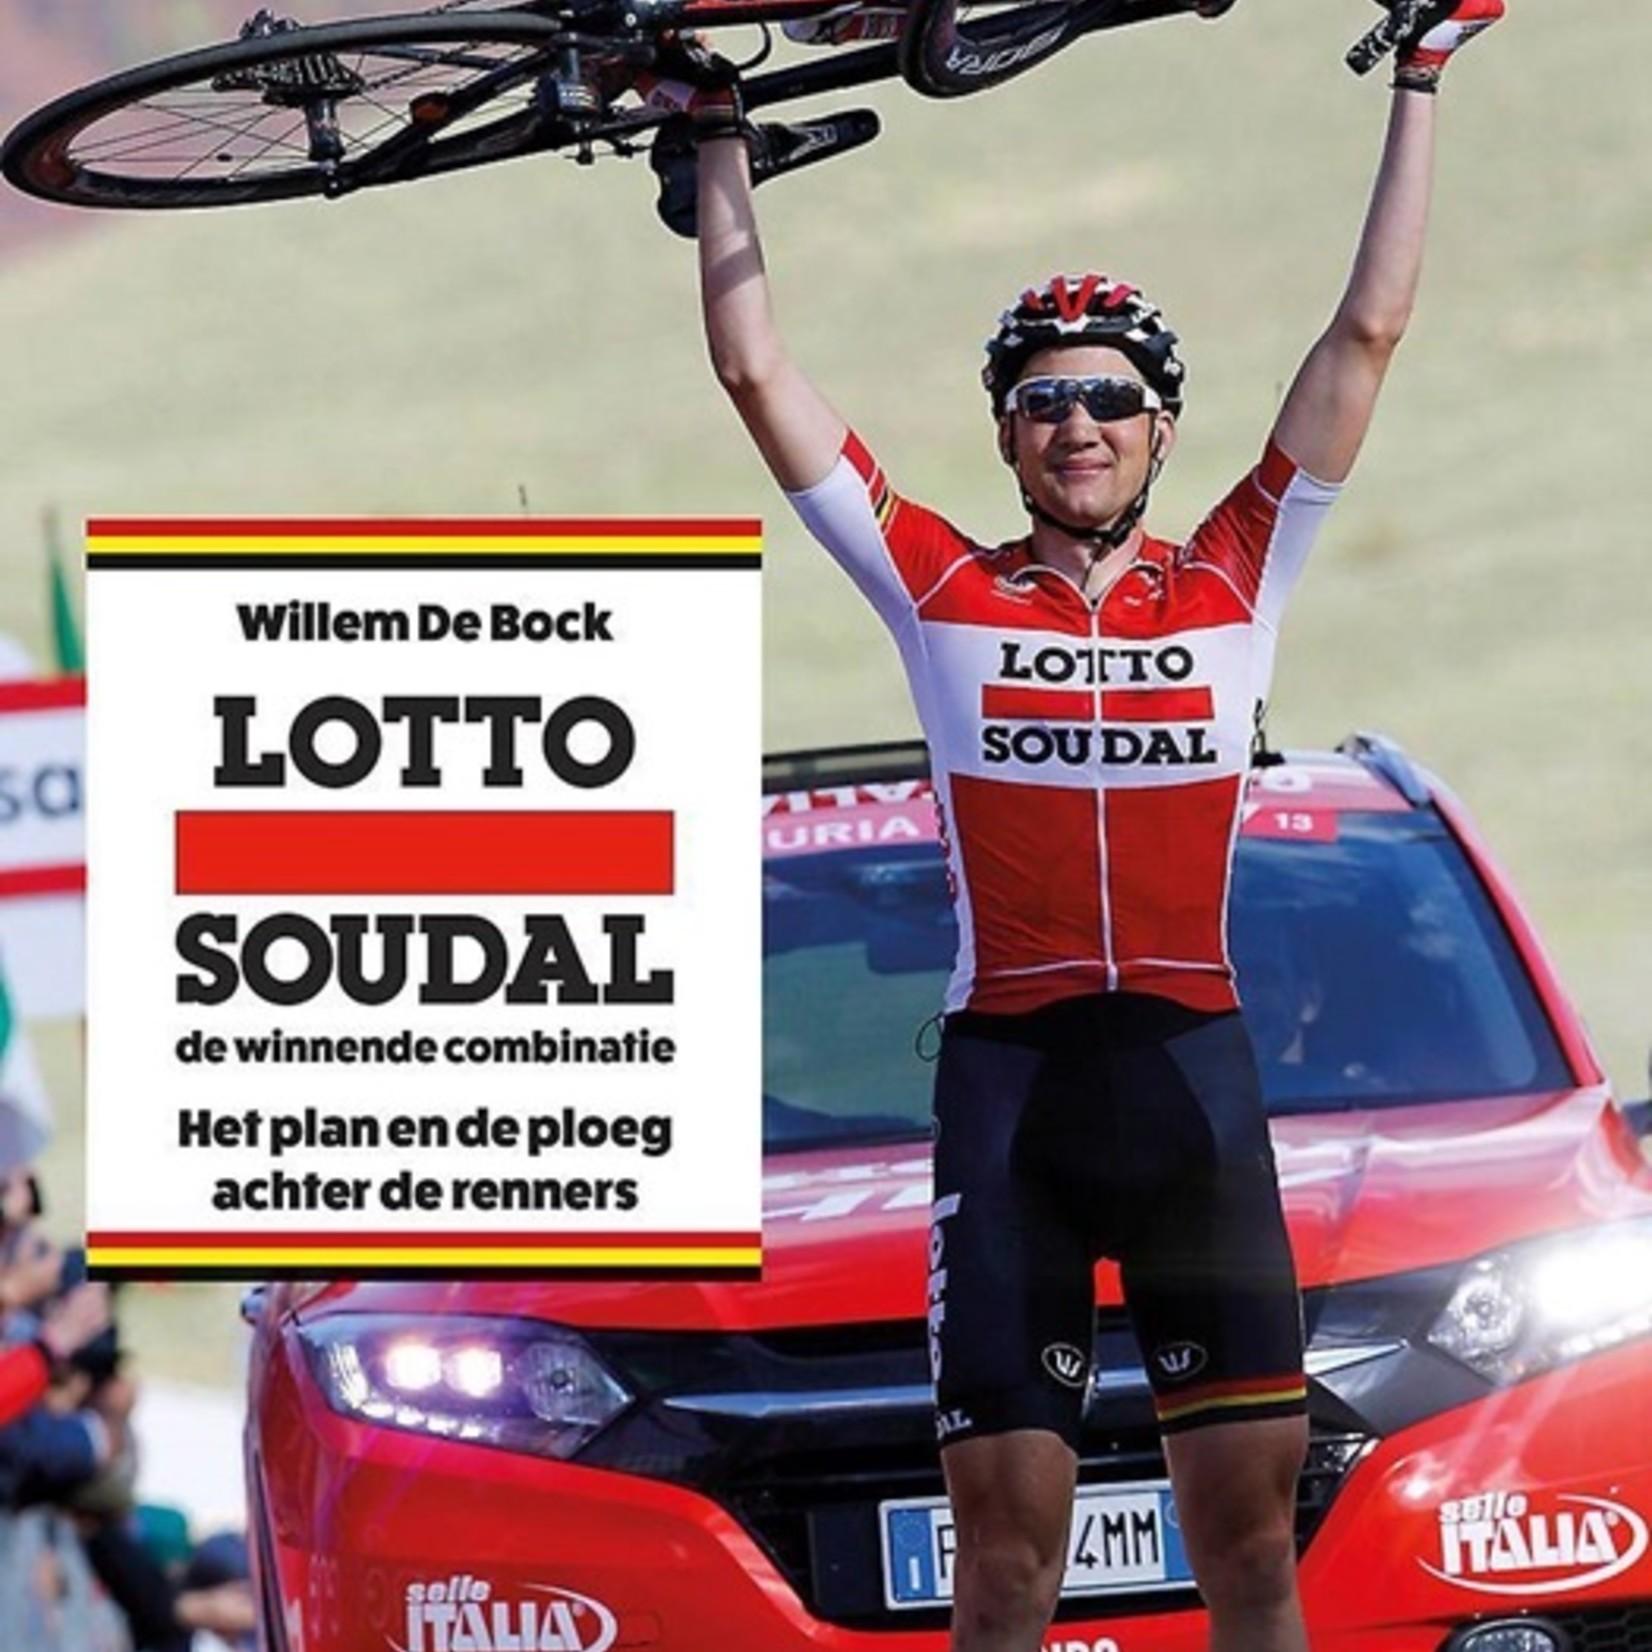 Boek 'Lotto Soudal, de winnende combinatie'